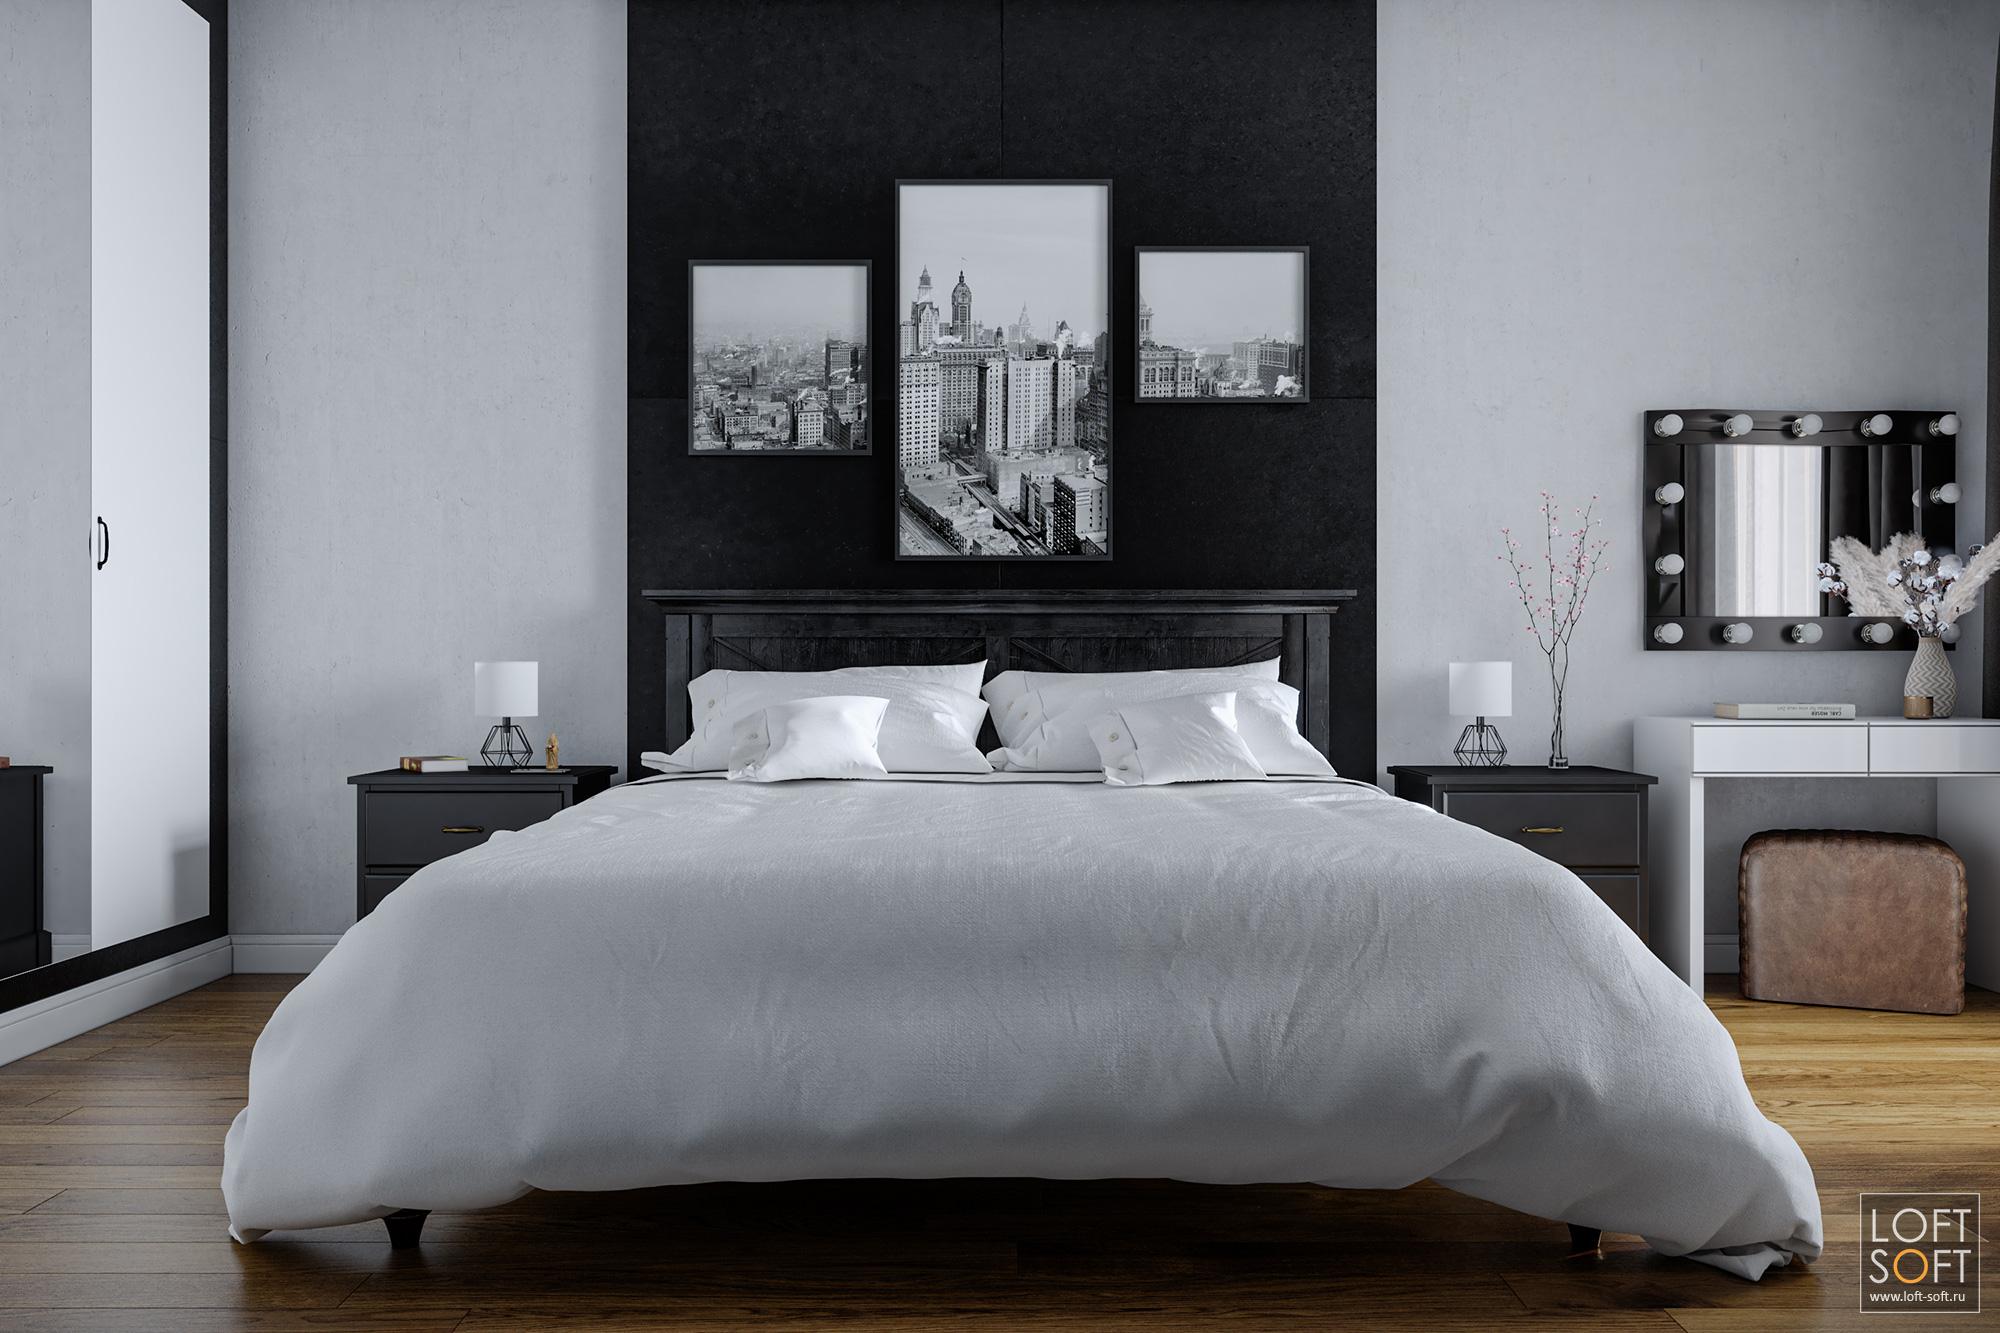 Черный бетон вспальне. Современный стильный интерьер.